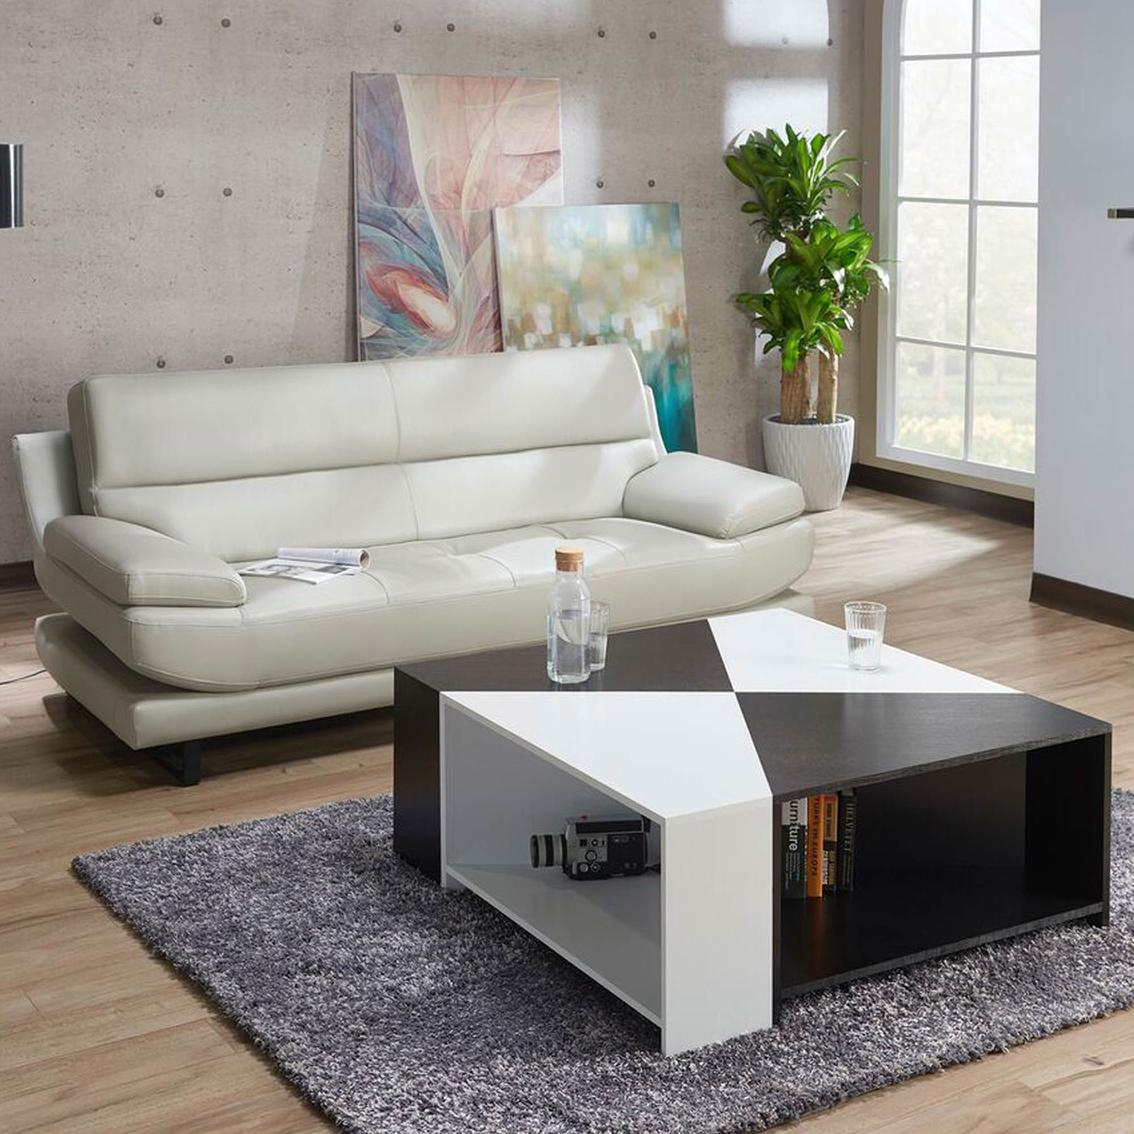 Furniture Of America Marta Two Tone Modular Coffee Table Living